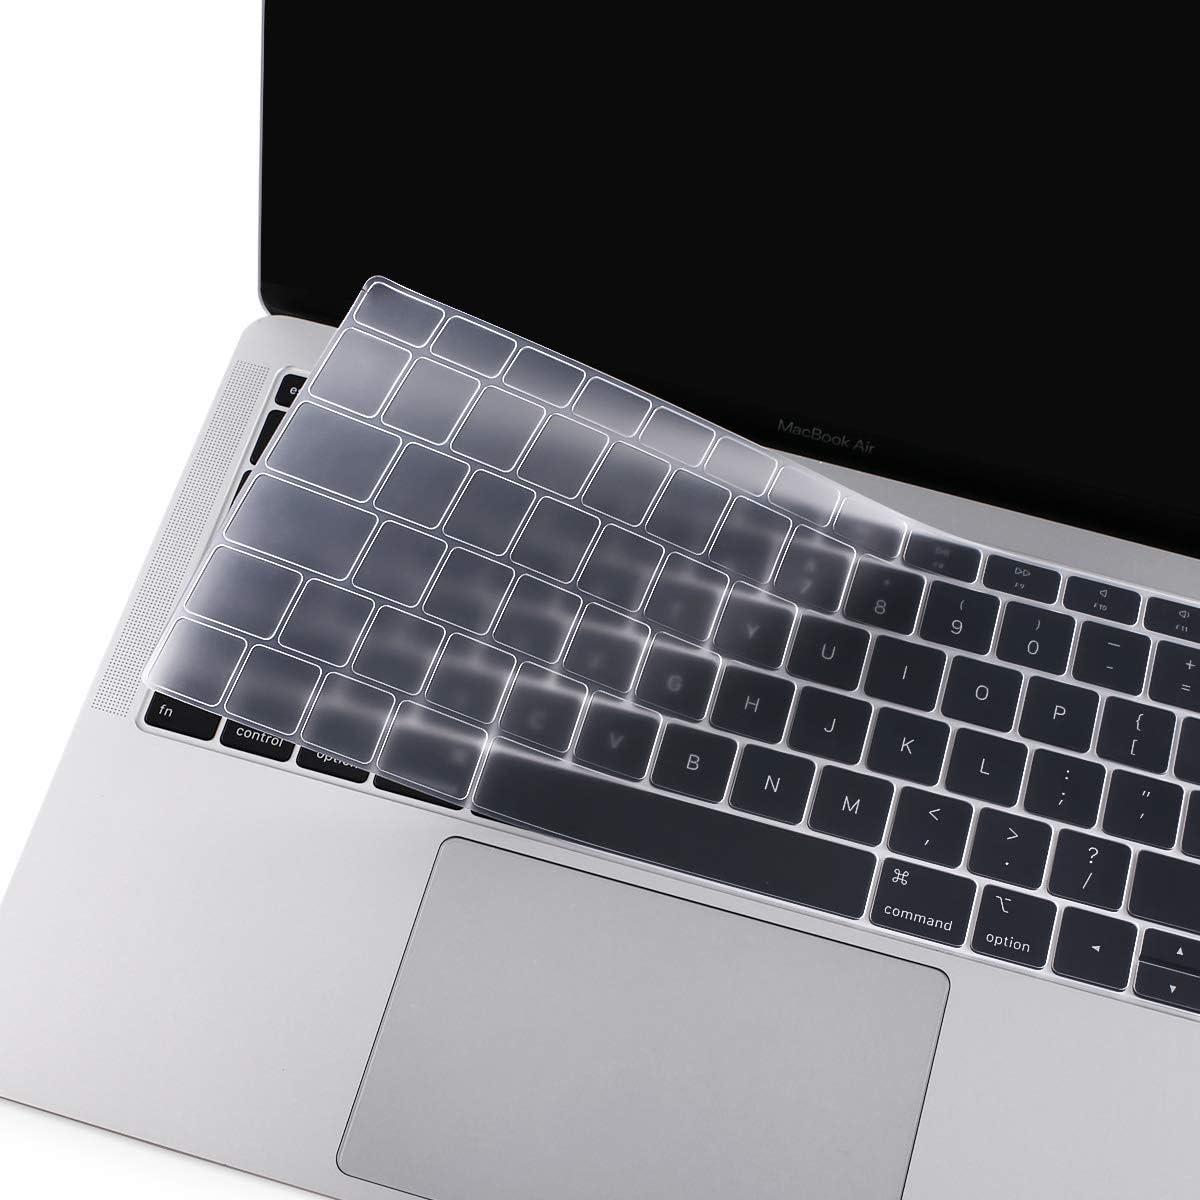 MOSISO Cubierta del Teclado Compatible con 2019 2018 MacBook Air 13 A1932 Retina, Piel de Silicona Protectora Impermeable a Prueba de Polvo